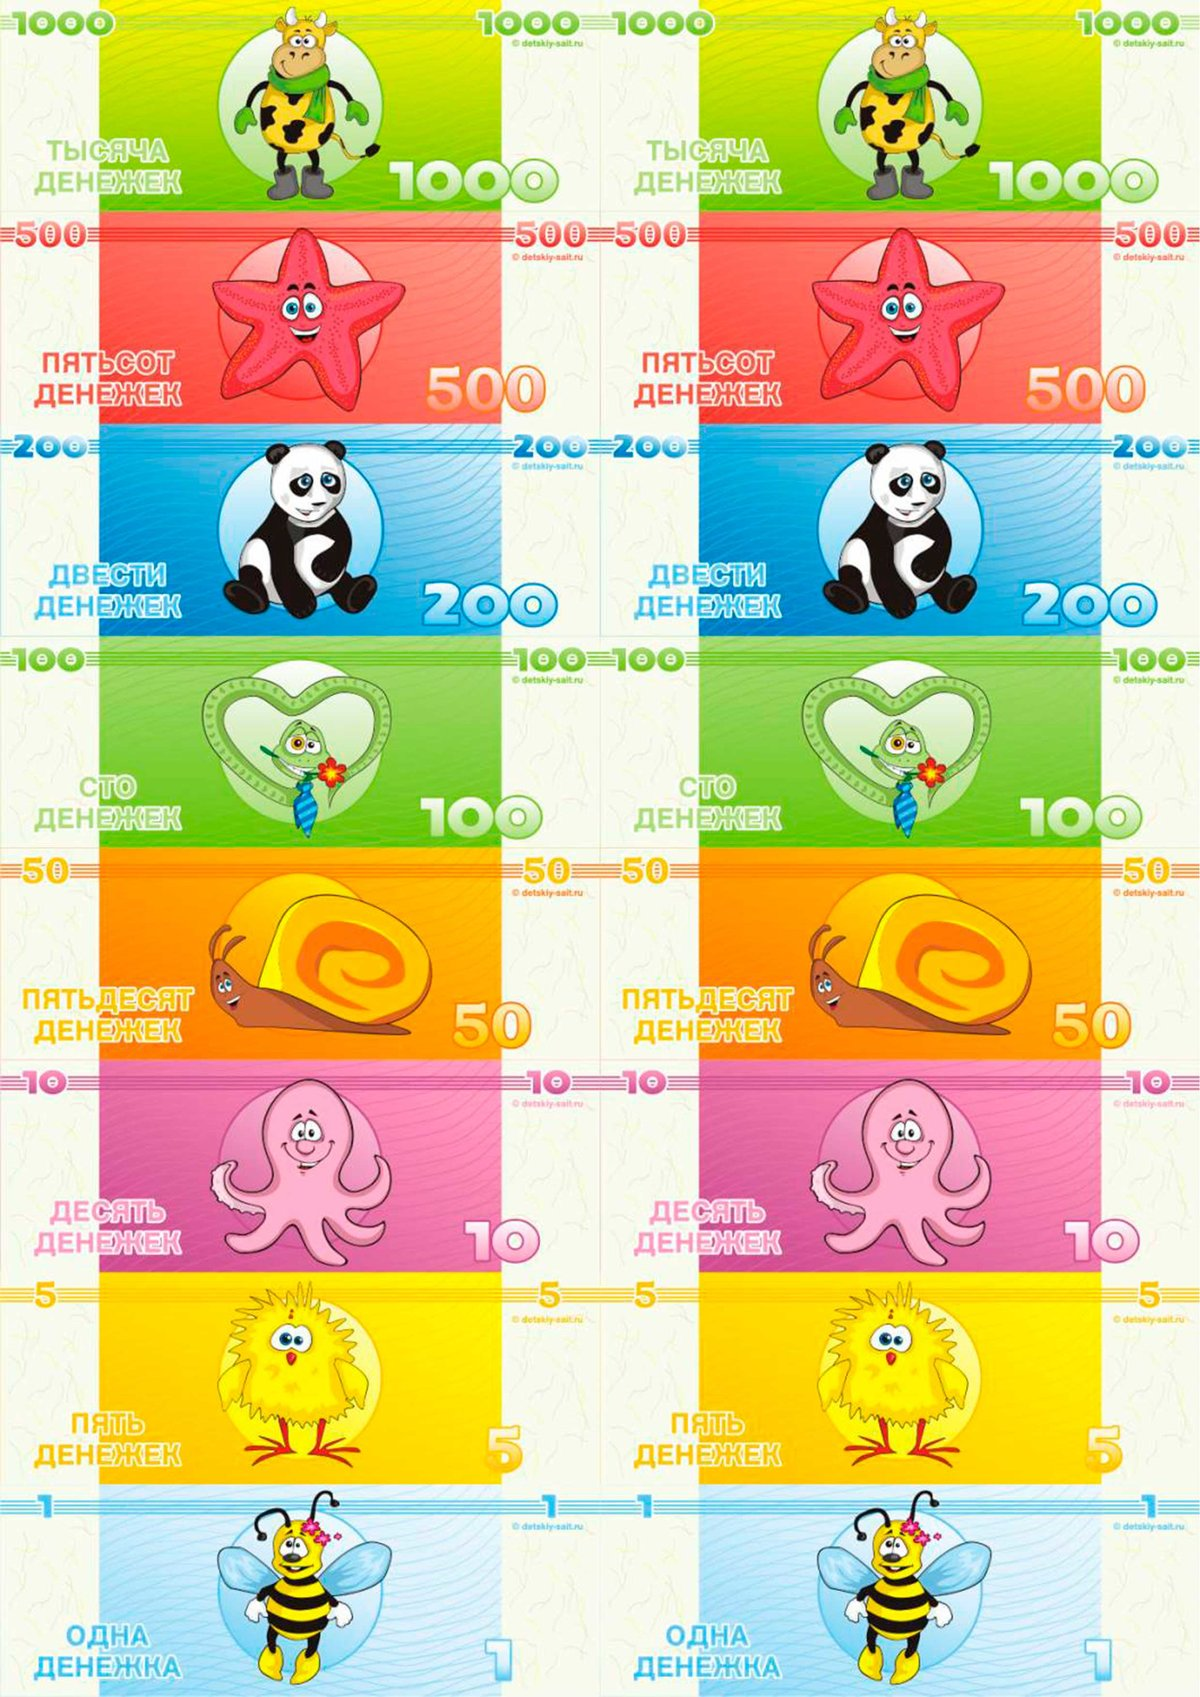 картинки деньги печатать для игры в магазине что имя его